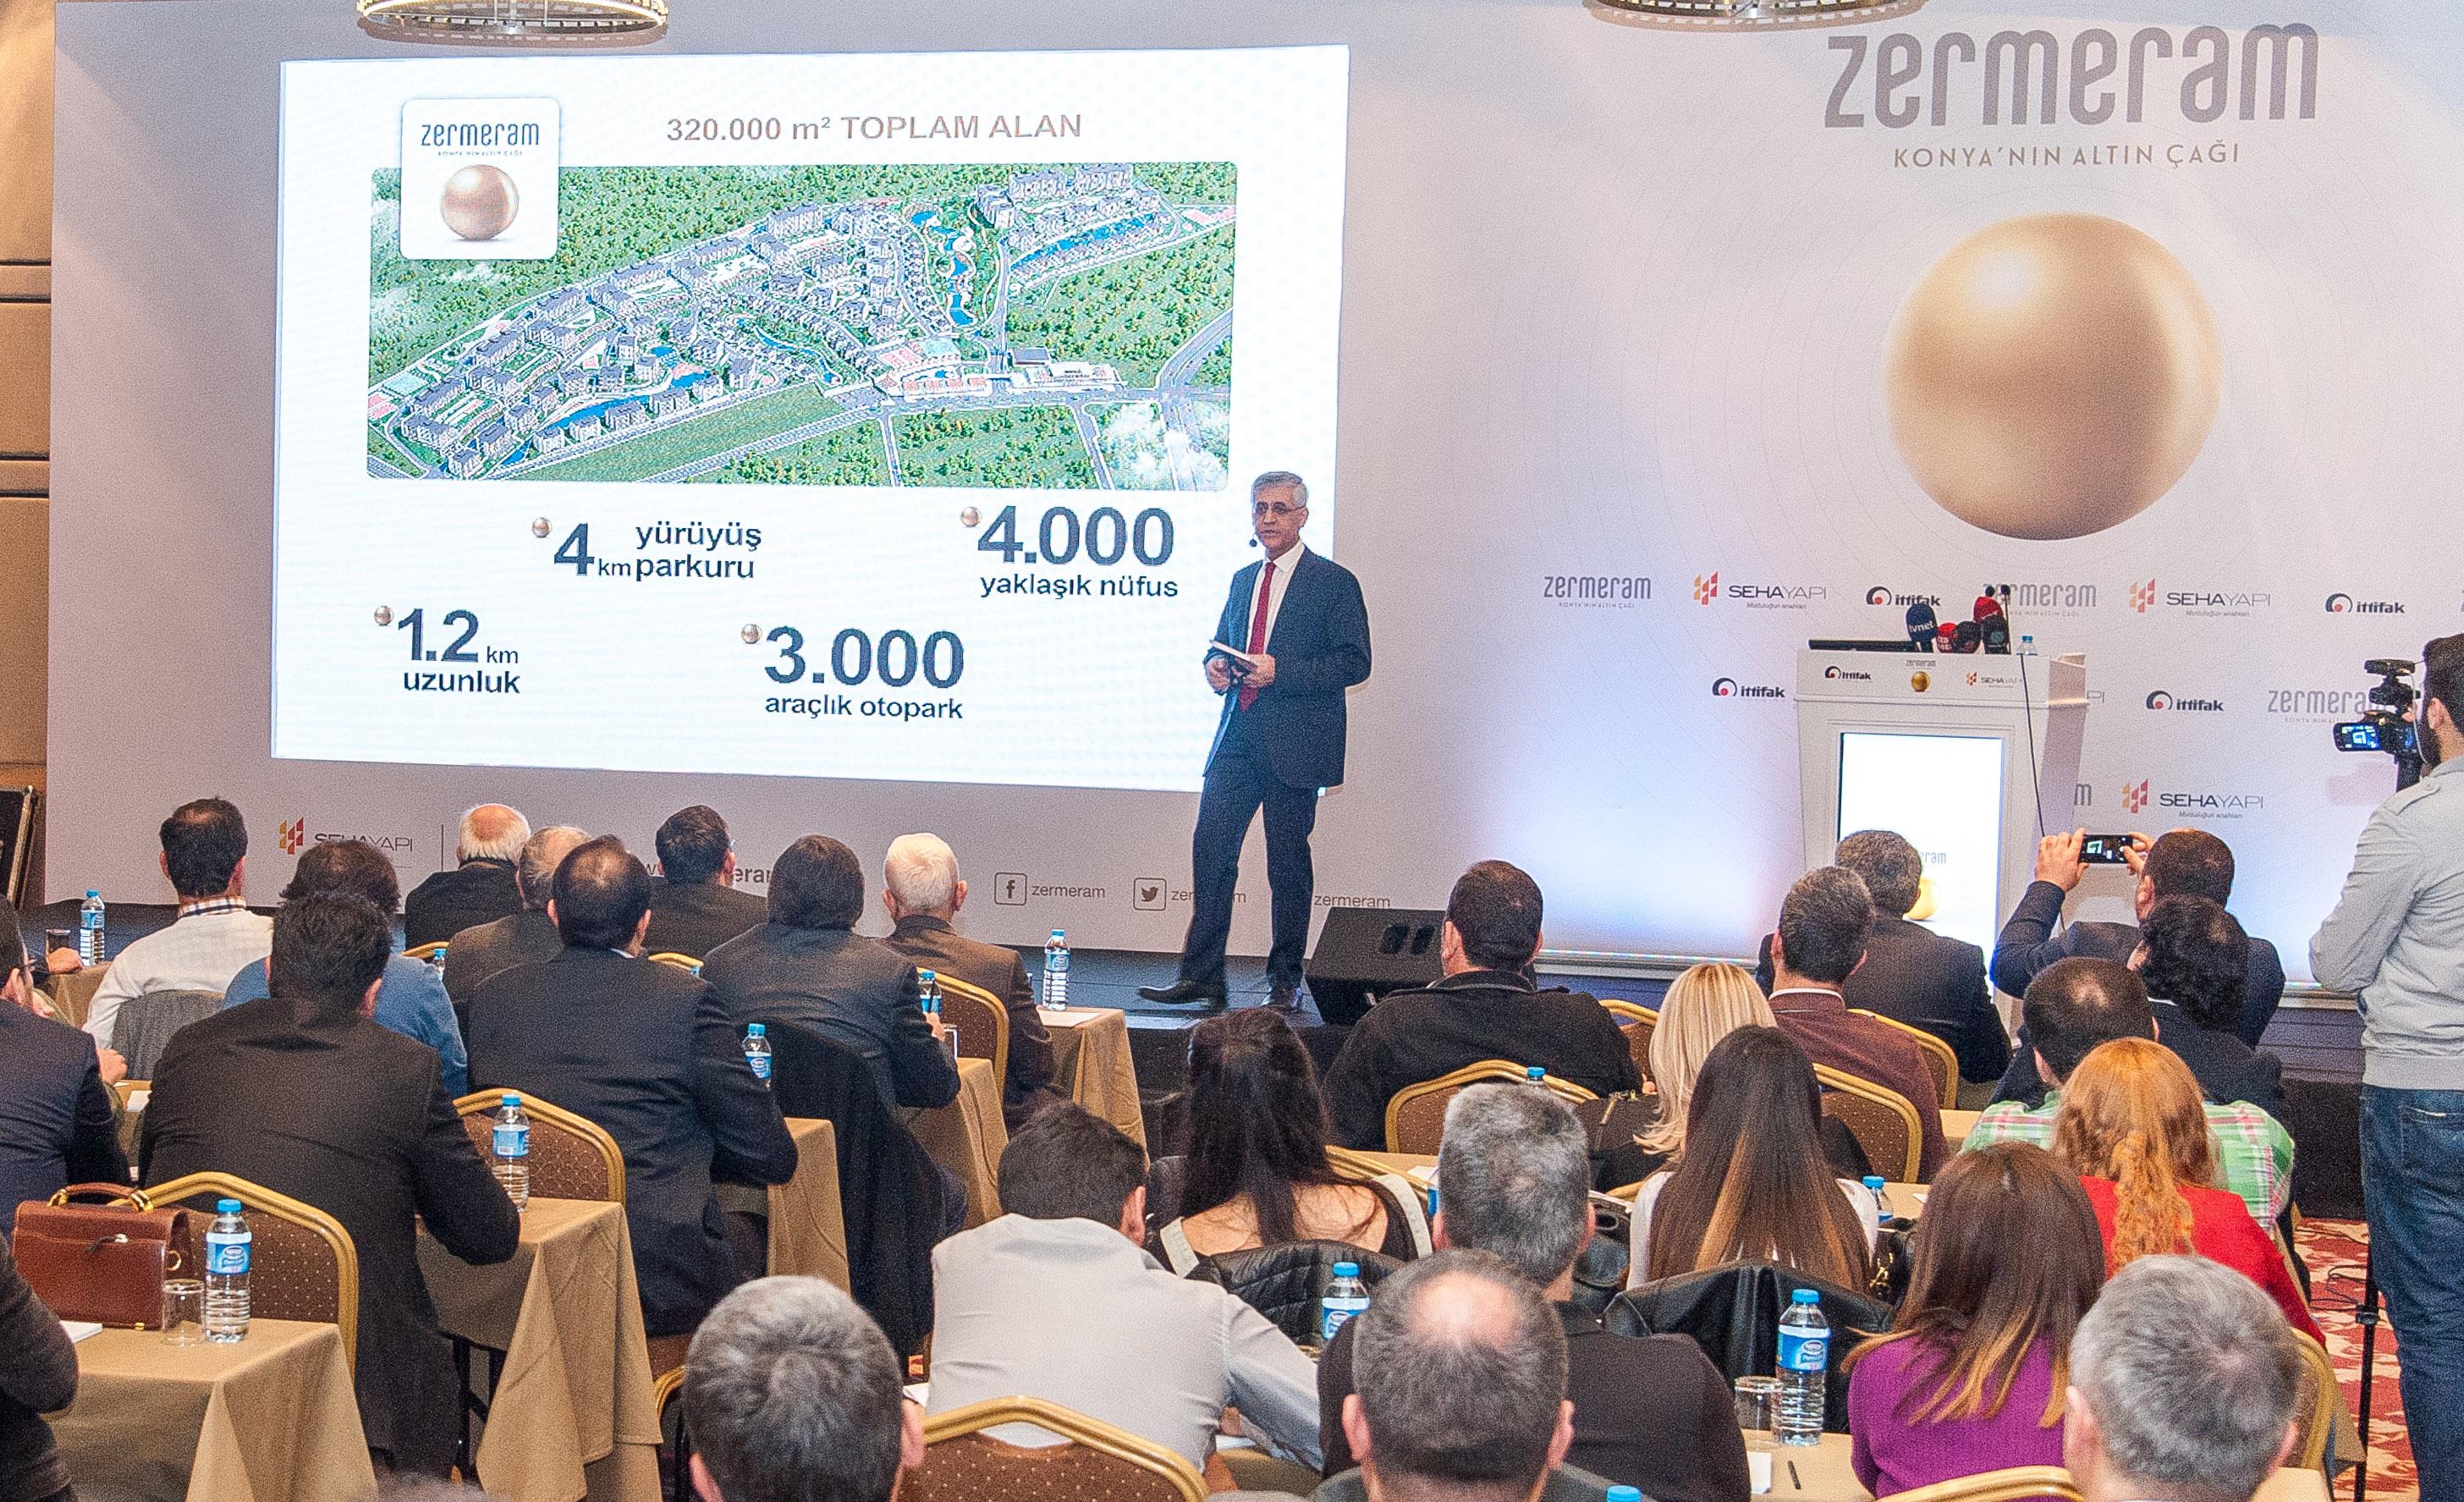 Zermeram'da Satışlar Başladı